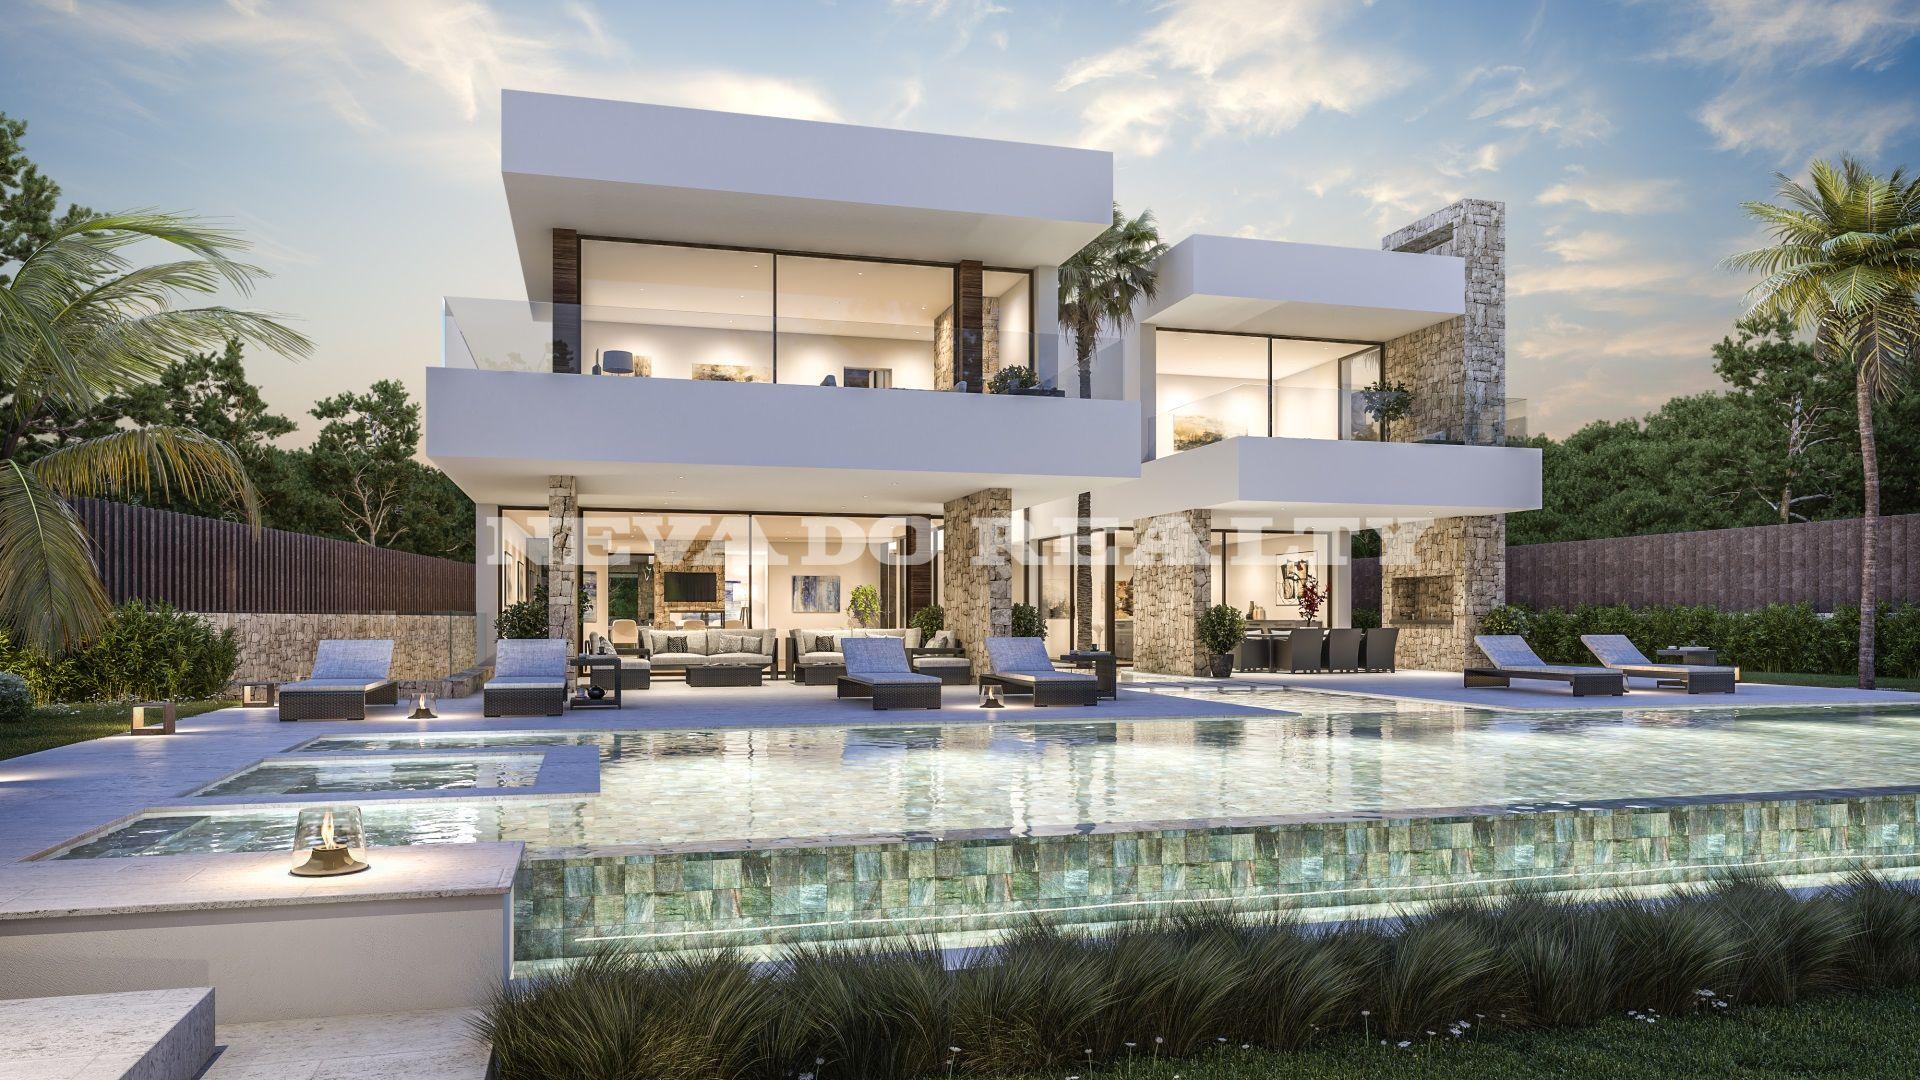 Villa sobre plano a la venta a escasos metros de la playa for Villa casa mansion la cima acapulco